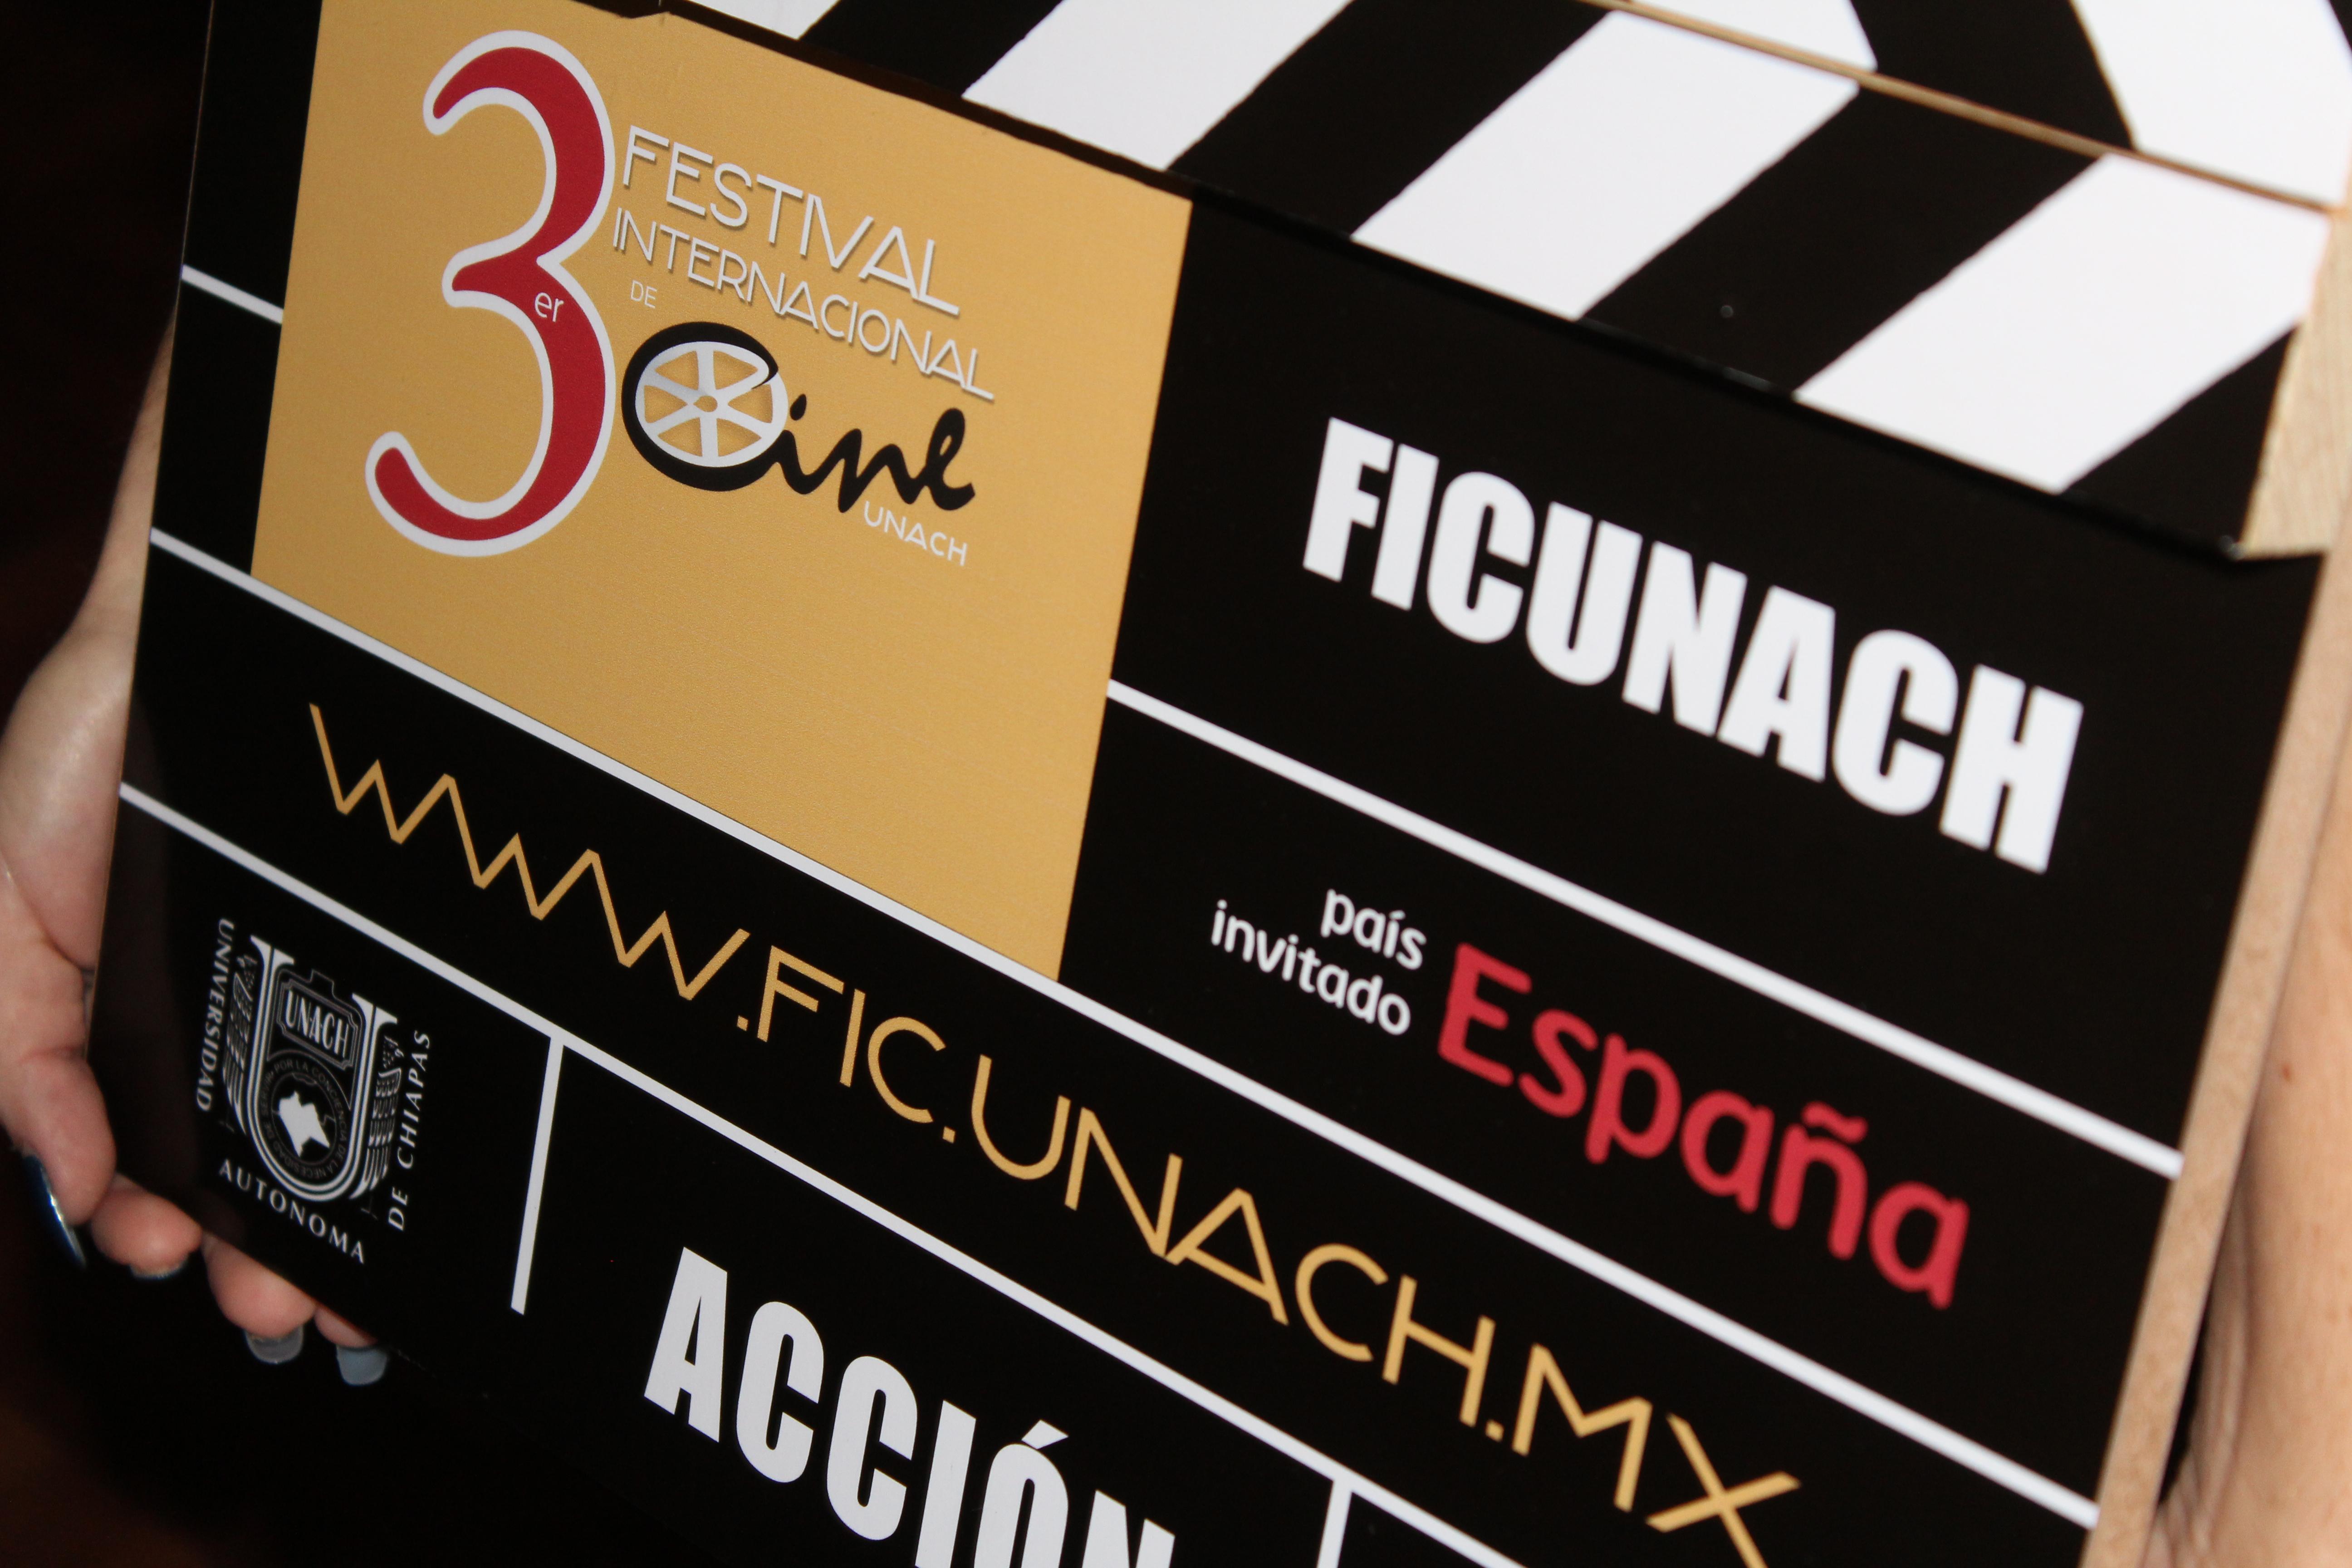 <a class=&quot;amazingslider-posttitle-link&quot; href=&quot;http://www.chiapasparalelo.com/noticias/chiapas/2016/09/inicia-el-3er-festival-internacional-de-cine-unach/&quot;>Inicia el 3er Festival Internacional de Cine UNACH</a>